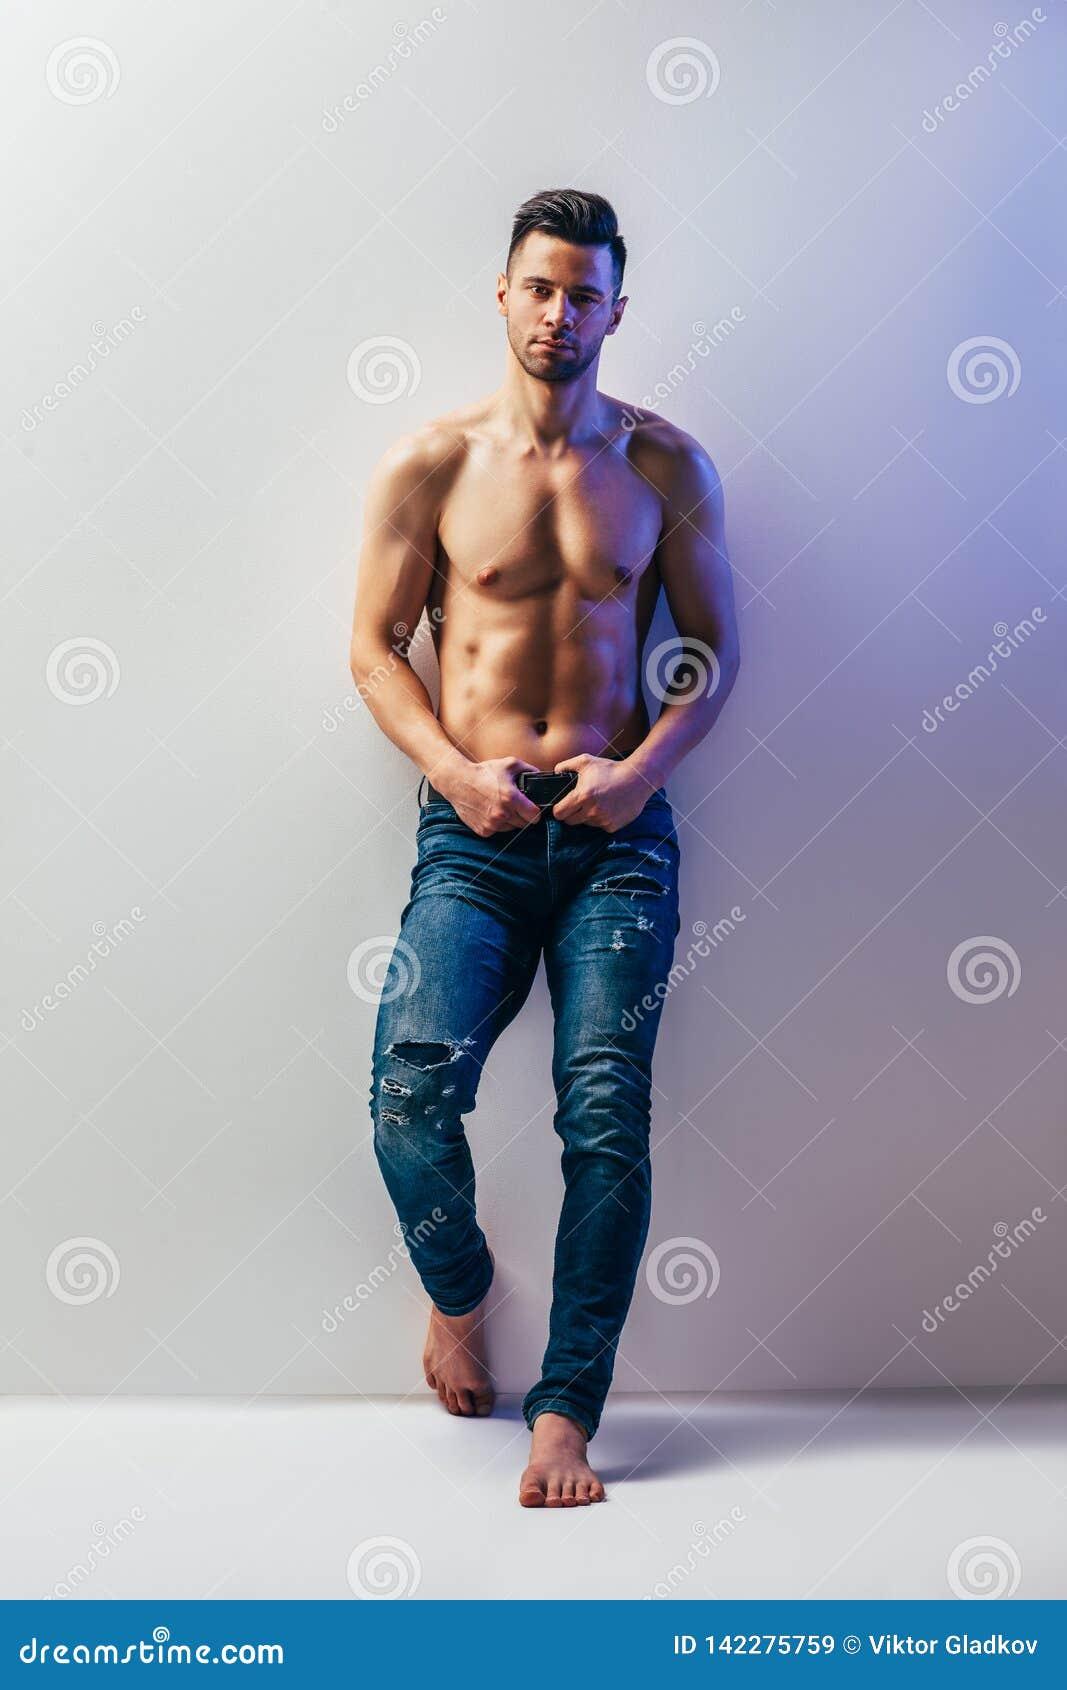 Ganzaufnahme des sexy muskulösen hemdlosen Mannes